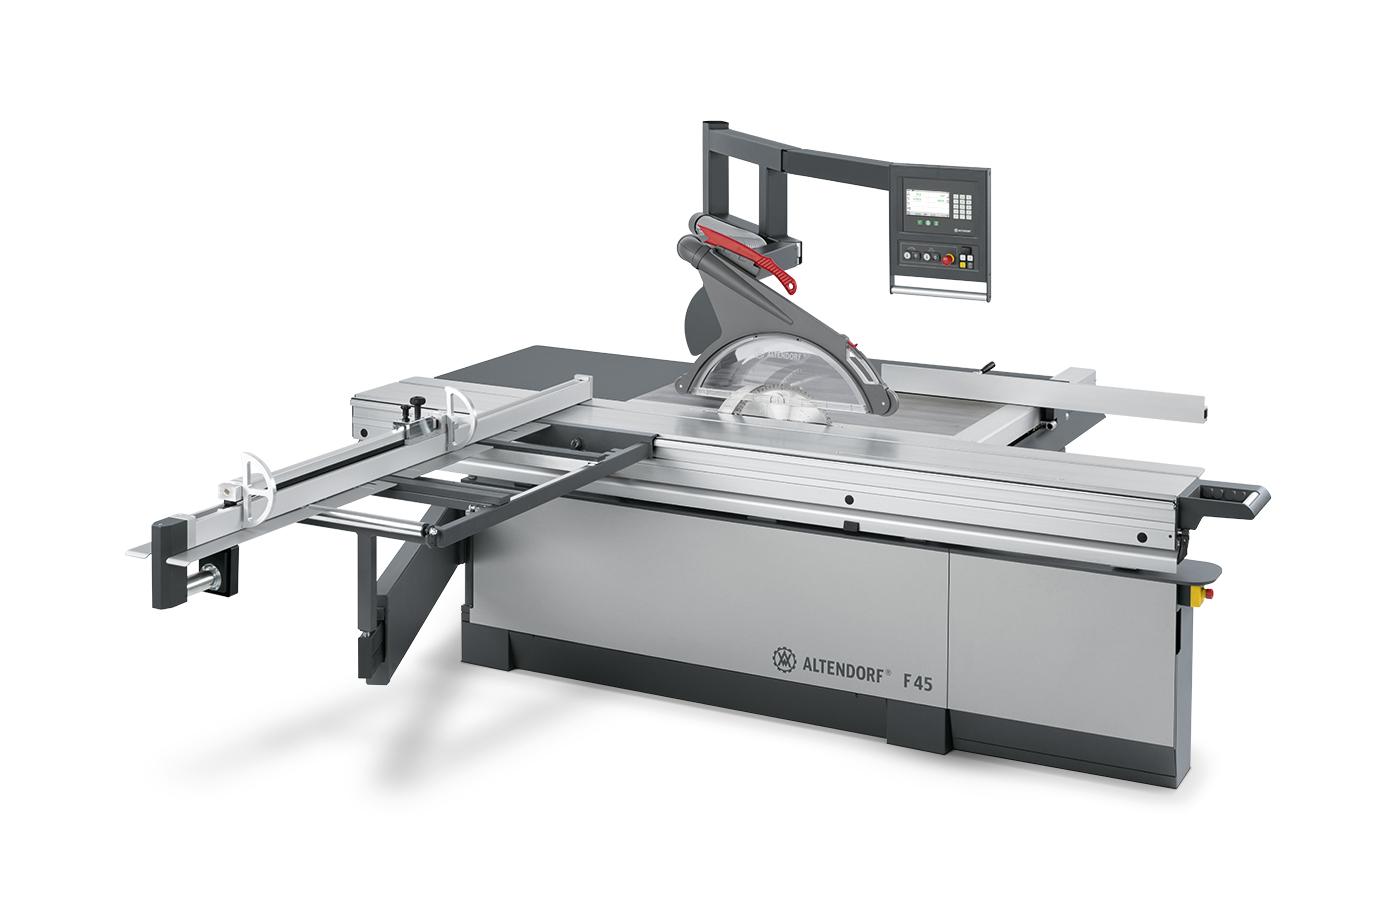 Macchine Per Lavorare Il Legno Usate D Occasione : Macchine per la lavorazione del legno usate compra su surplex